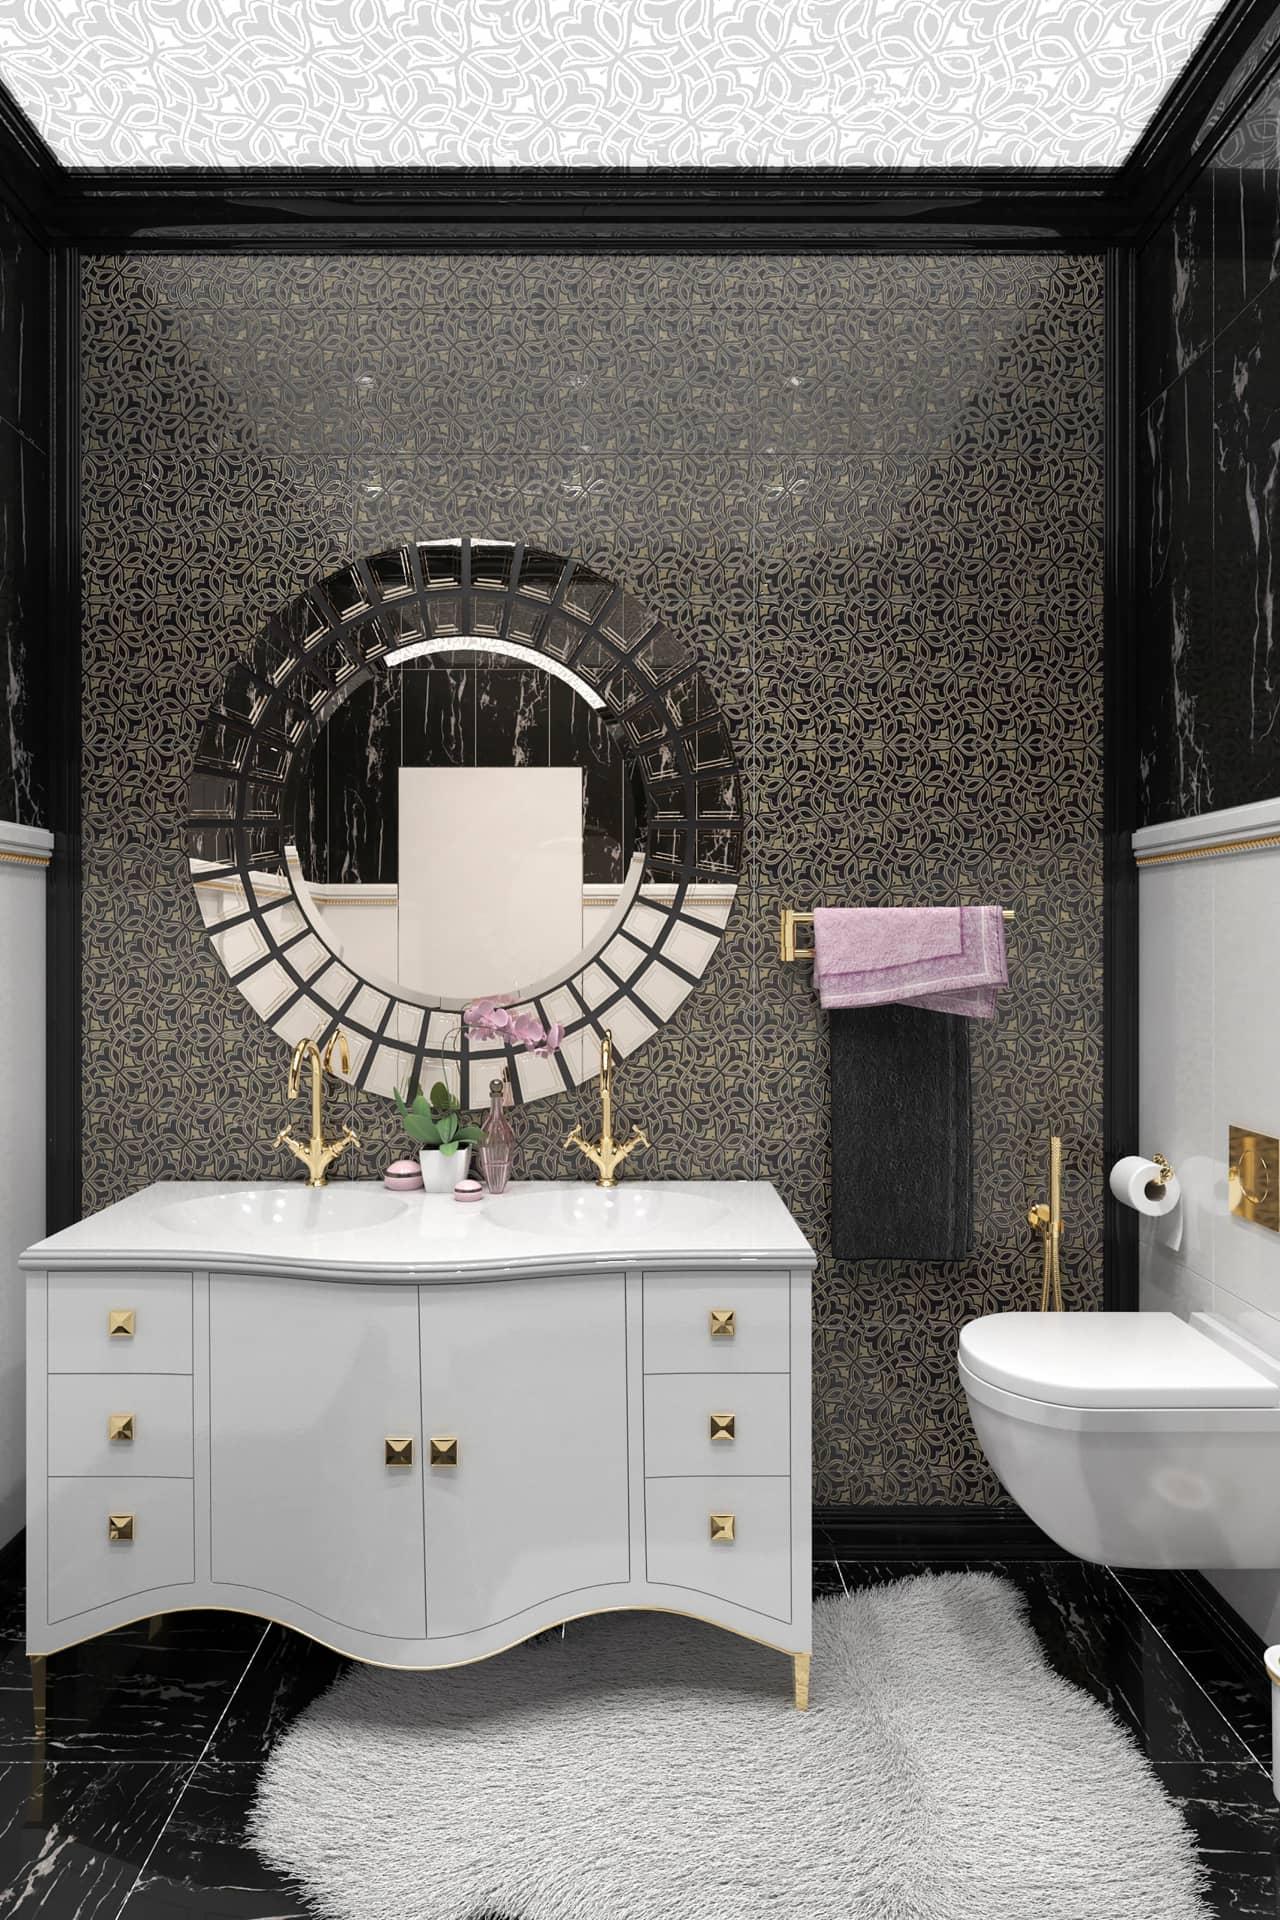 Дизайн ванной комнаты в стиле ар-деко